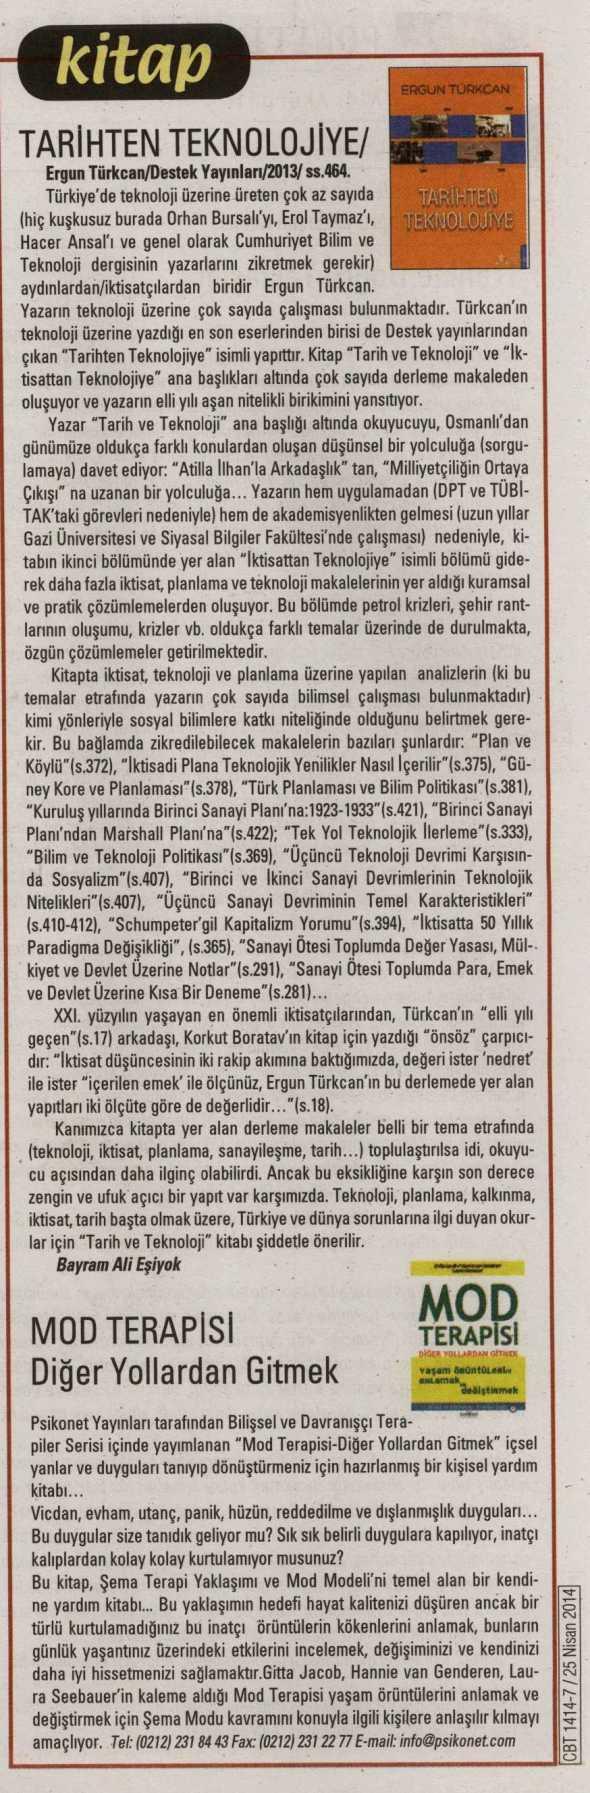 Mod Terapisi: Diğer Yollardan Gitmek - Cumhuriyet Bilim Teknik Dergisi - 25 Nisan 2014